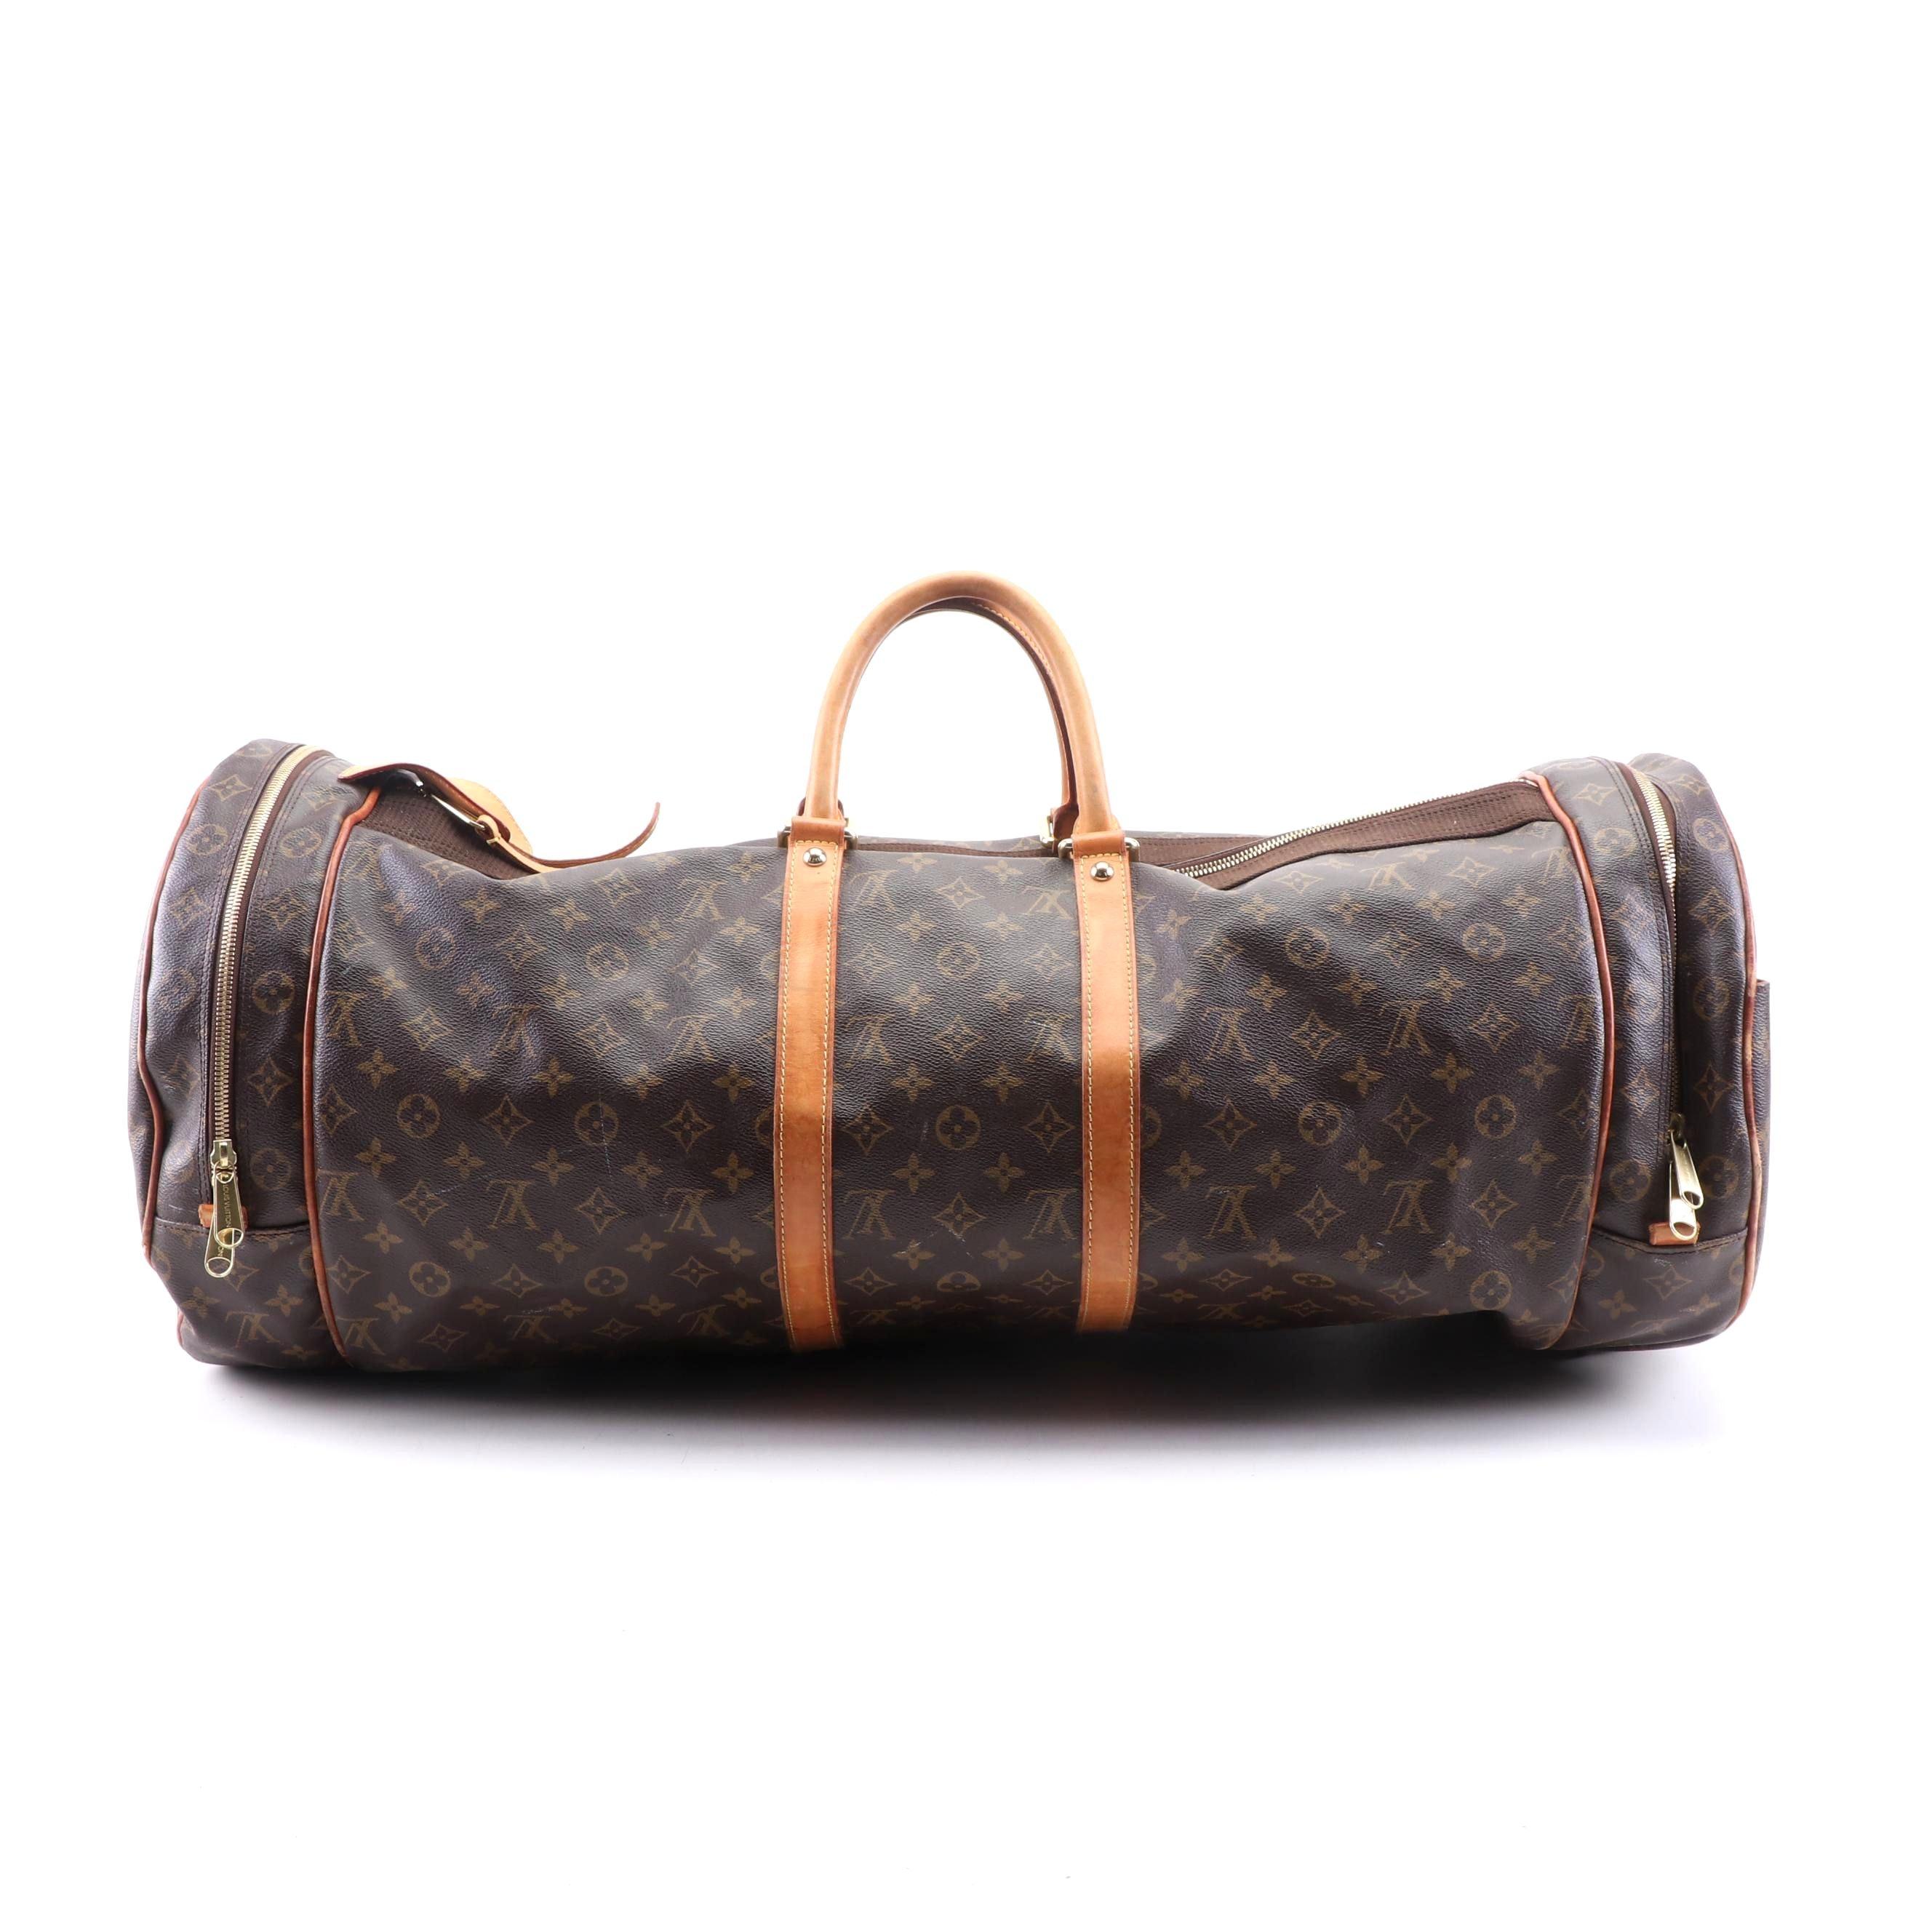 Louis Vuitton Paris Monogram Canvas Sac Athletisme Duffle Bag